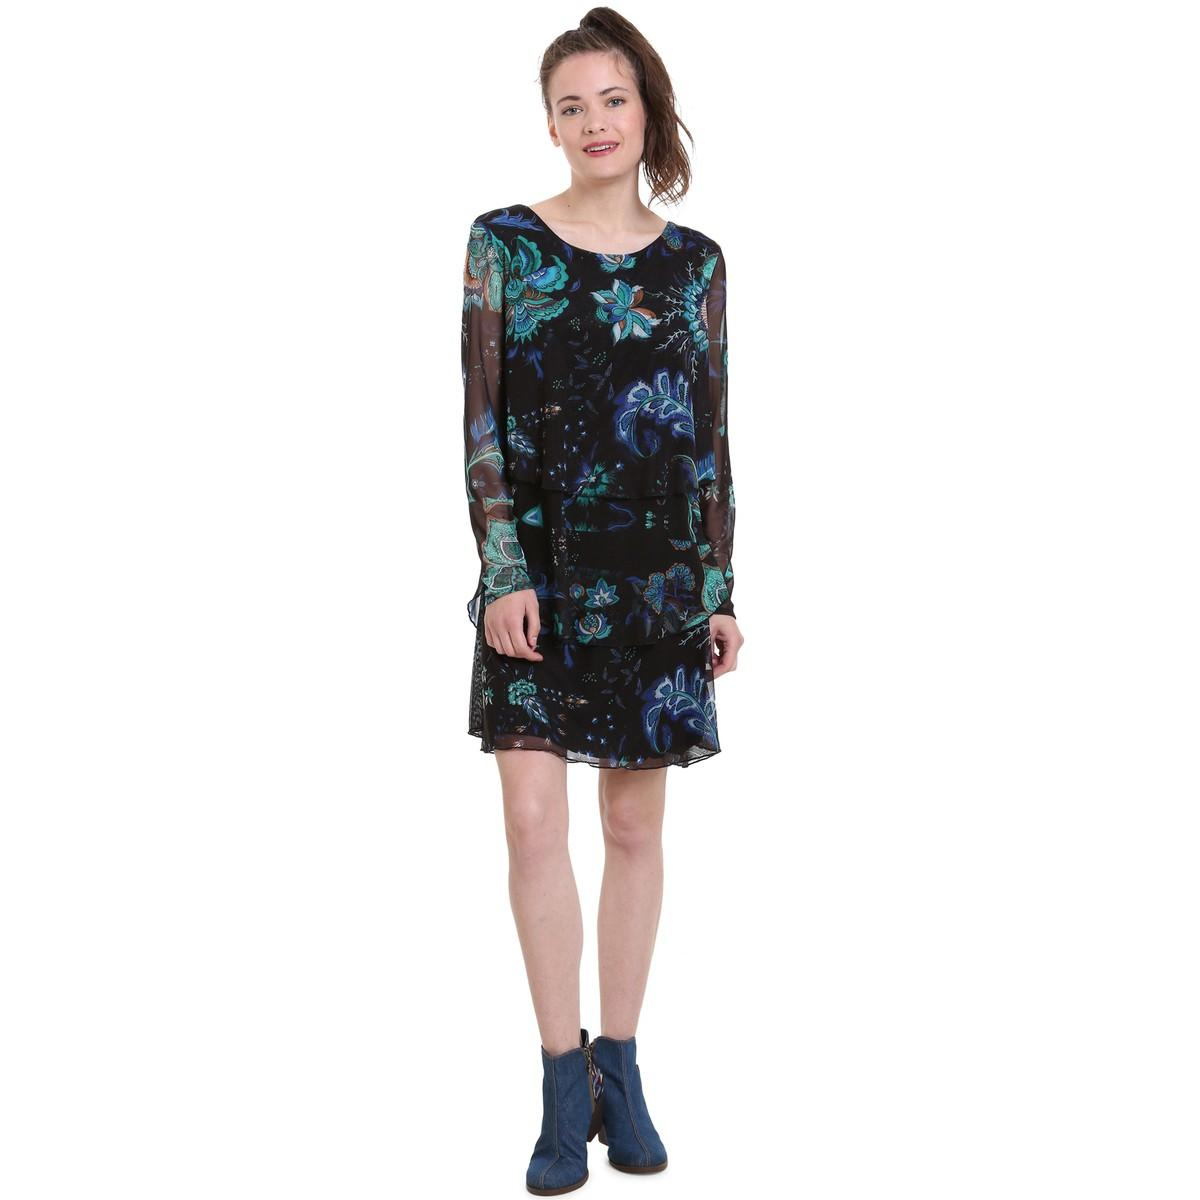 d96b64003bcd Vestido corto de gasa con estampado de flores, cor de mujer de color negro